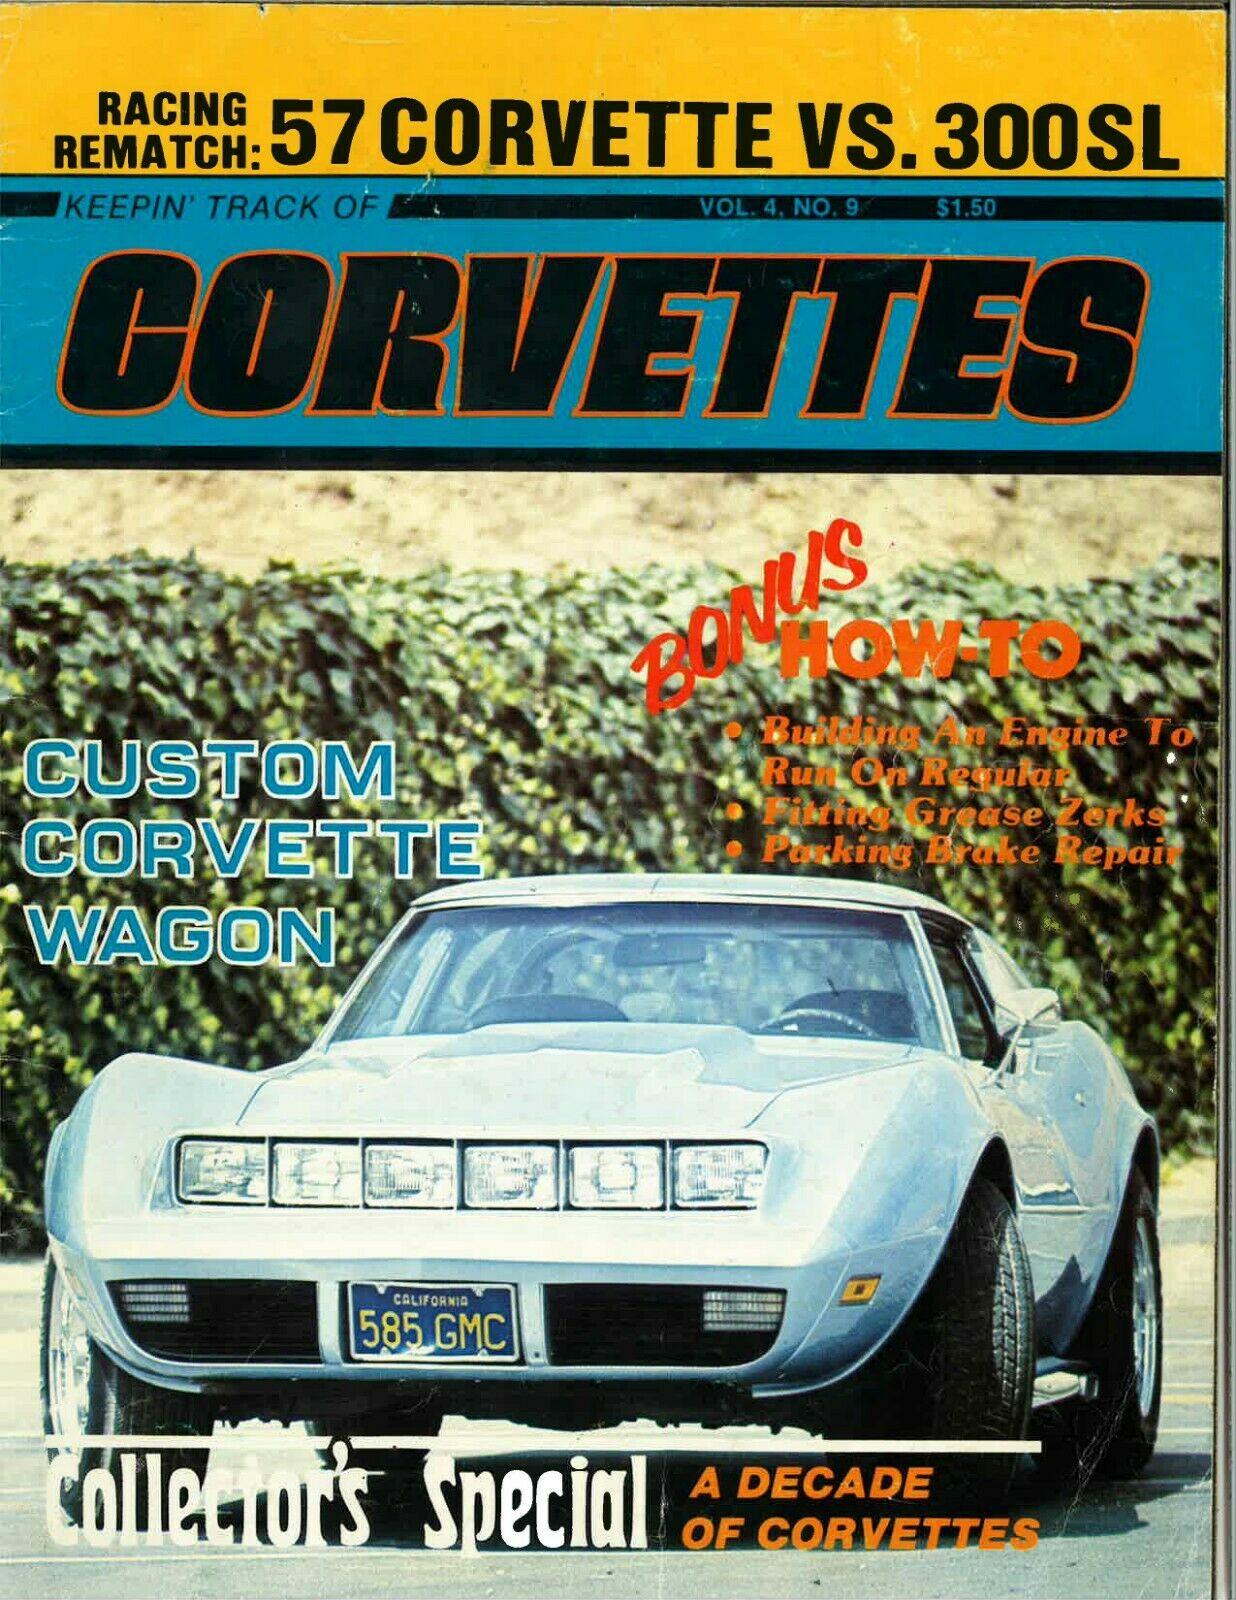 1973 Chevrolet Corvette Custom on Corvettes magazine